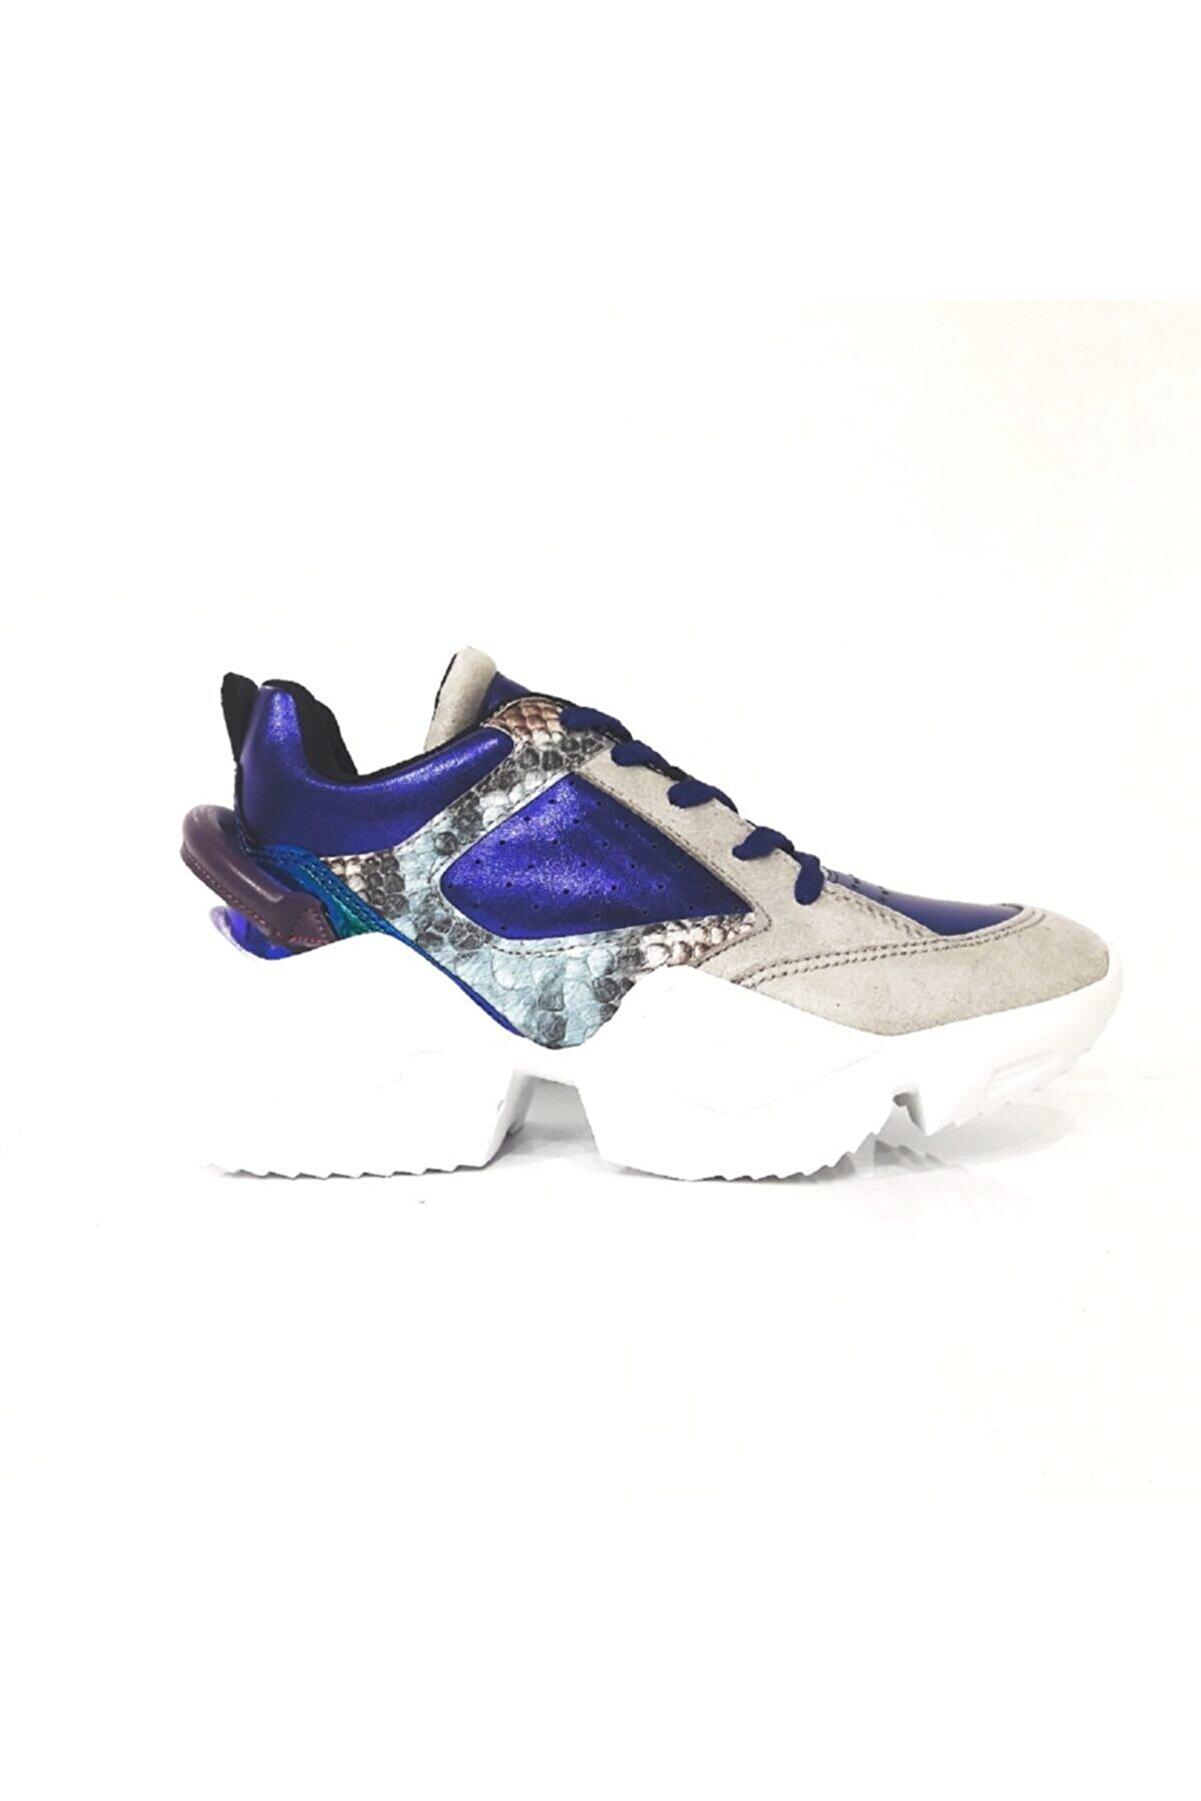 Divum Sax Spor Ayakkabı